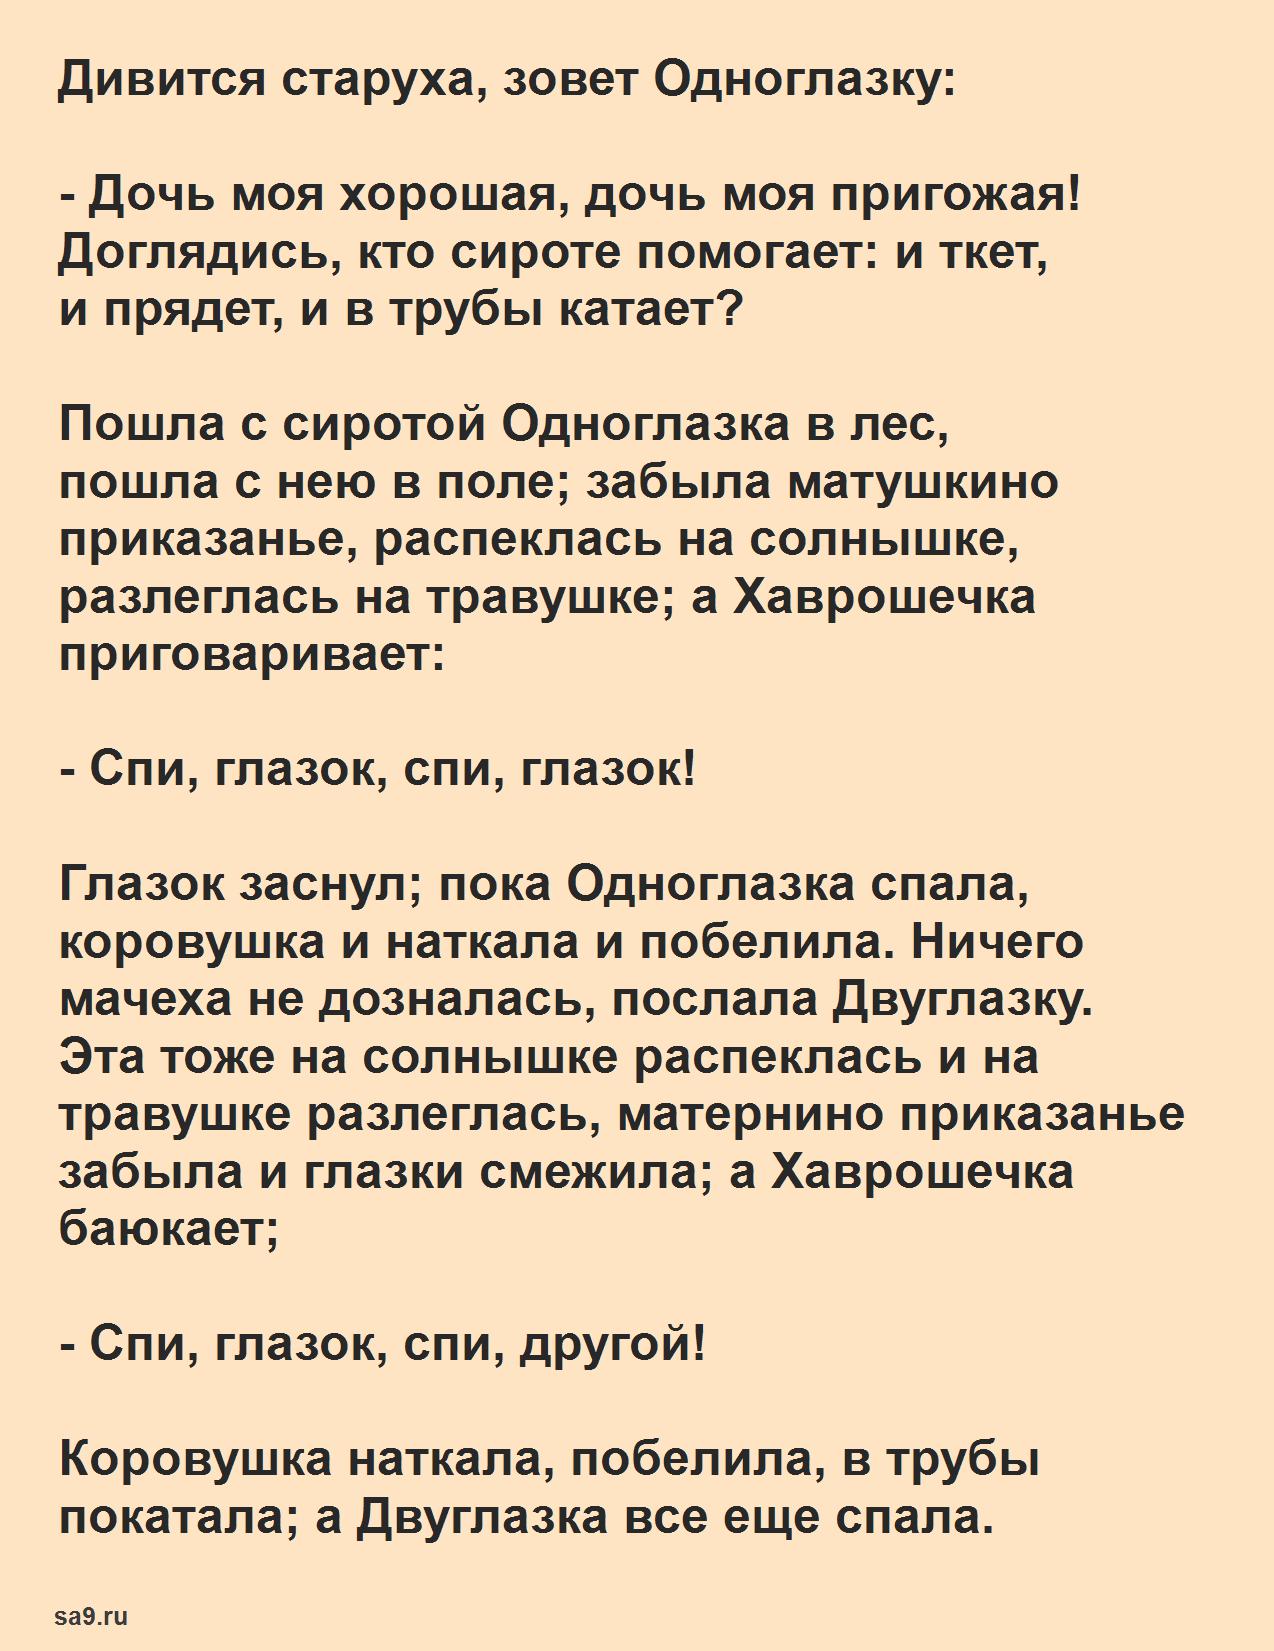 Русская народная сказка Крошечка-Хаврошечка, читать онлайн бесплатно